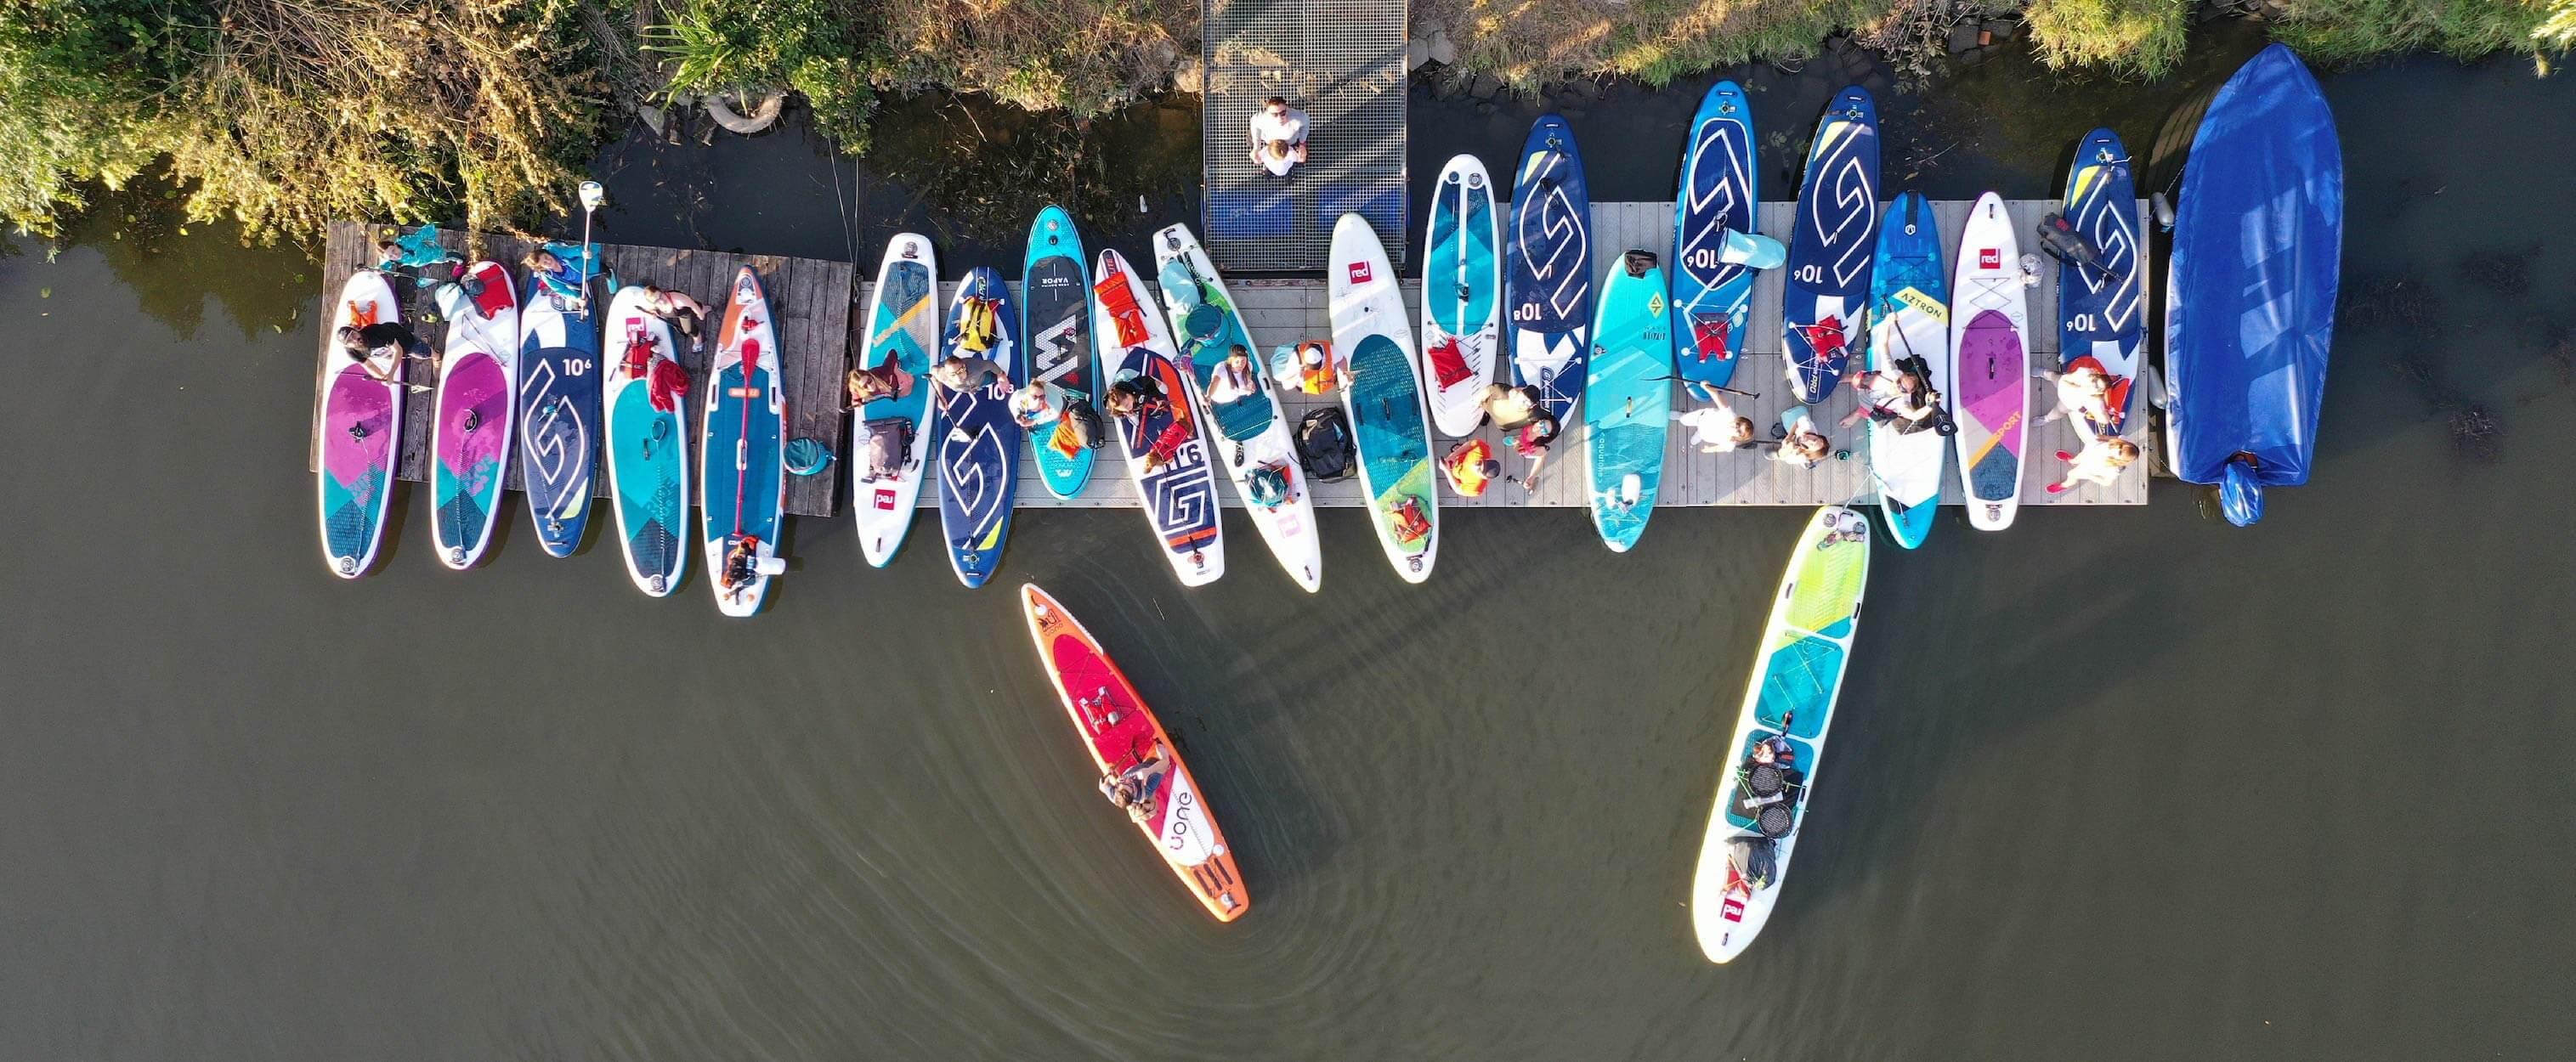 sup sklep kultura krakow centrum test stand up paddle